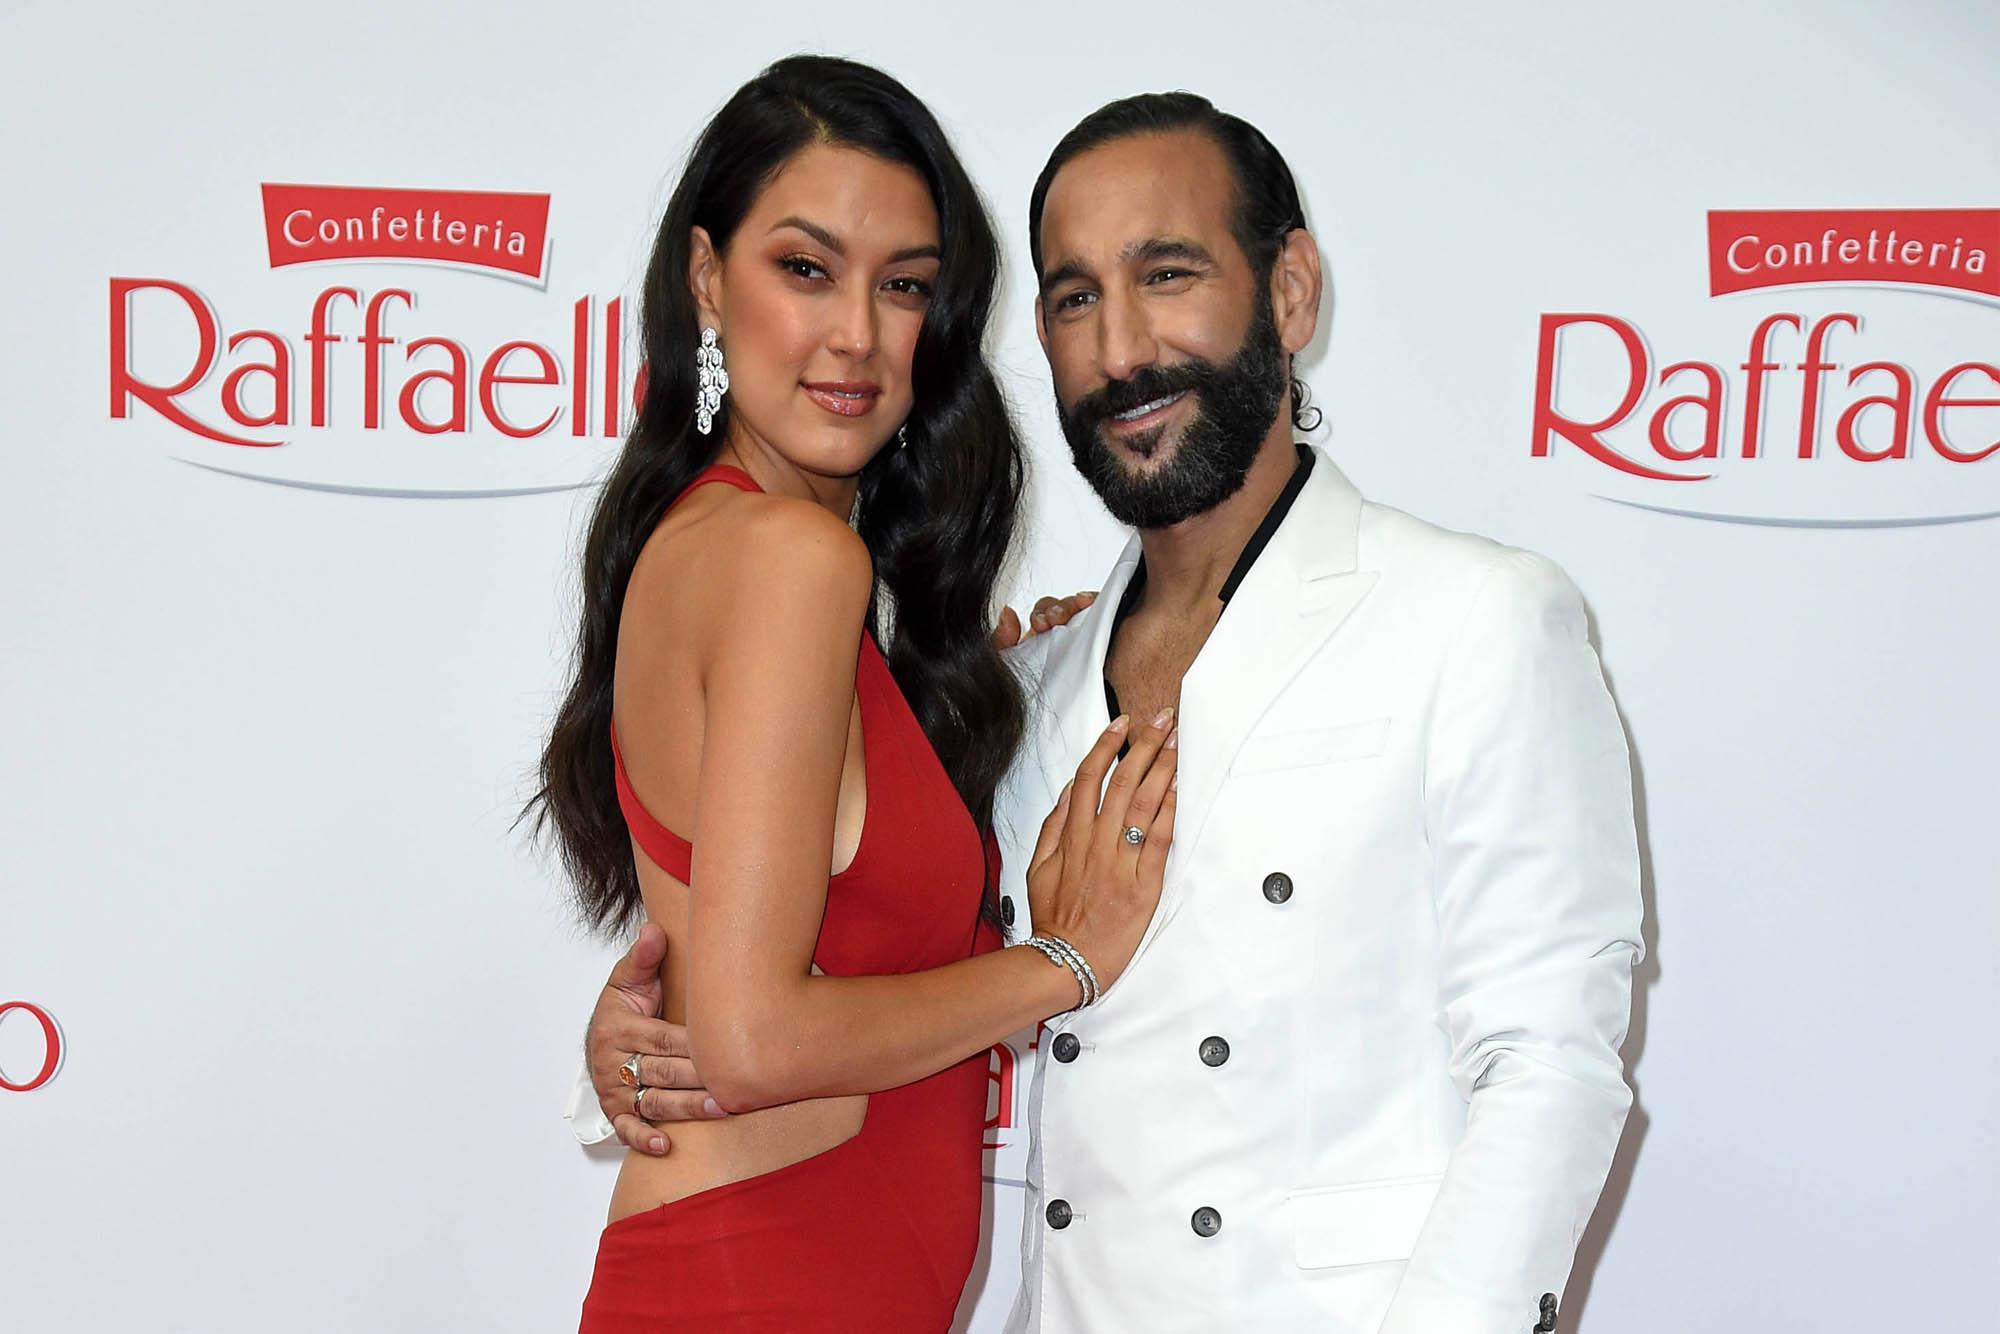 """""""Mamma Mia"""": Fans feiern taff-Moderatorin Rebecca Mir in halterlosen Strümpfen"""